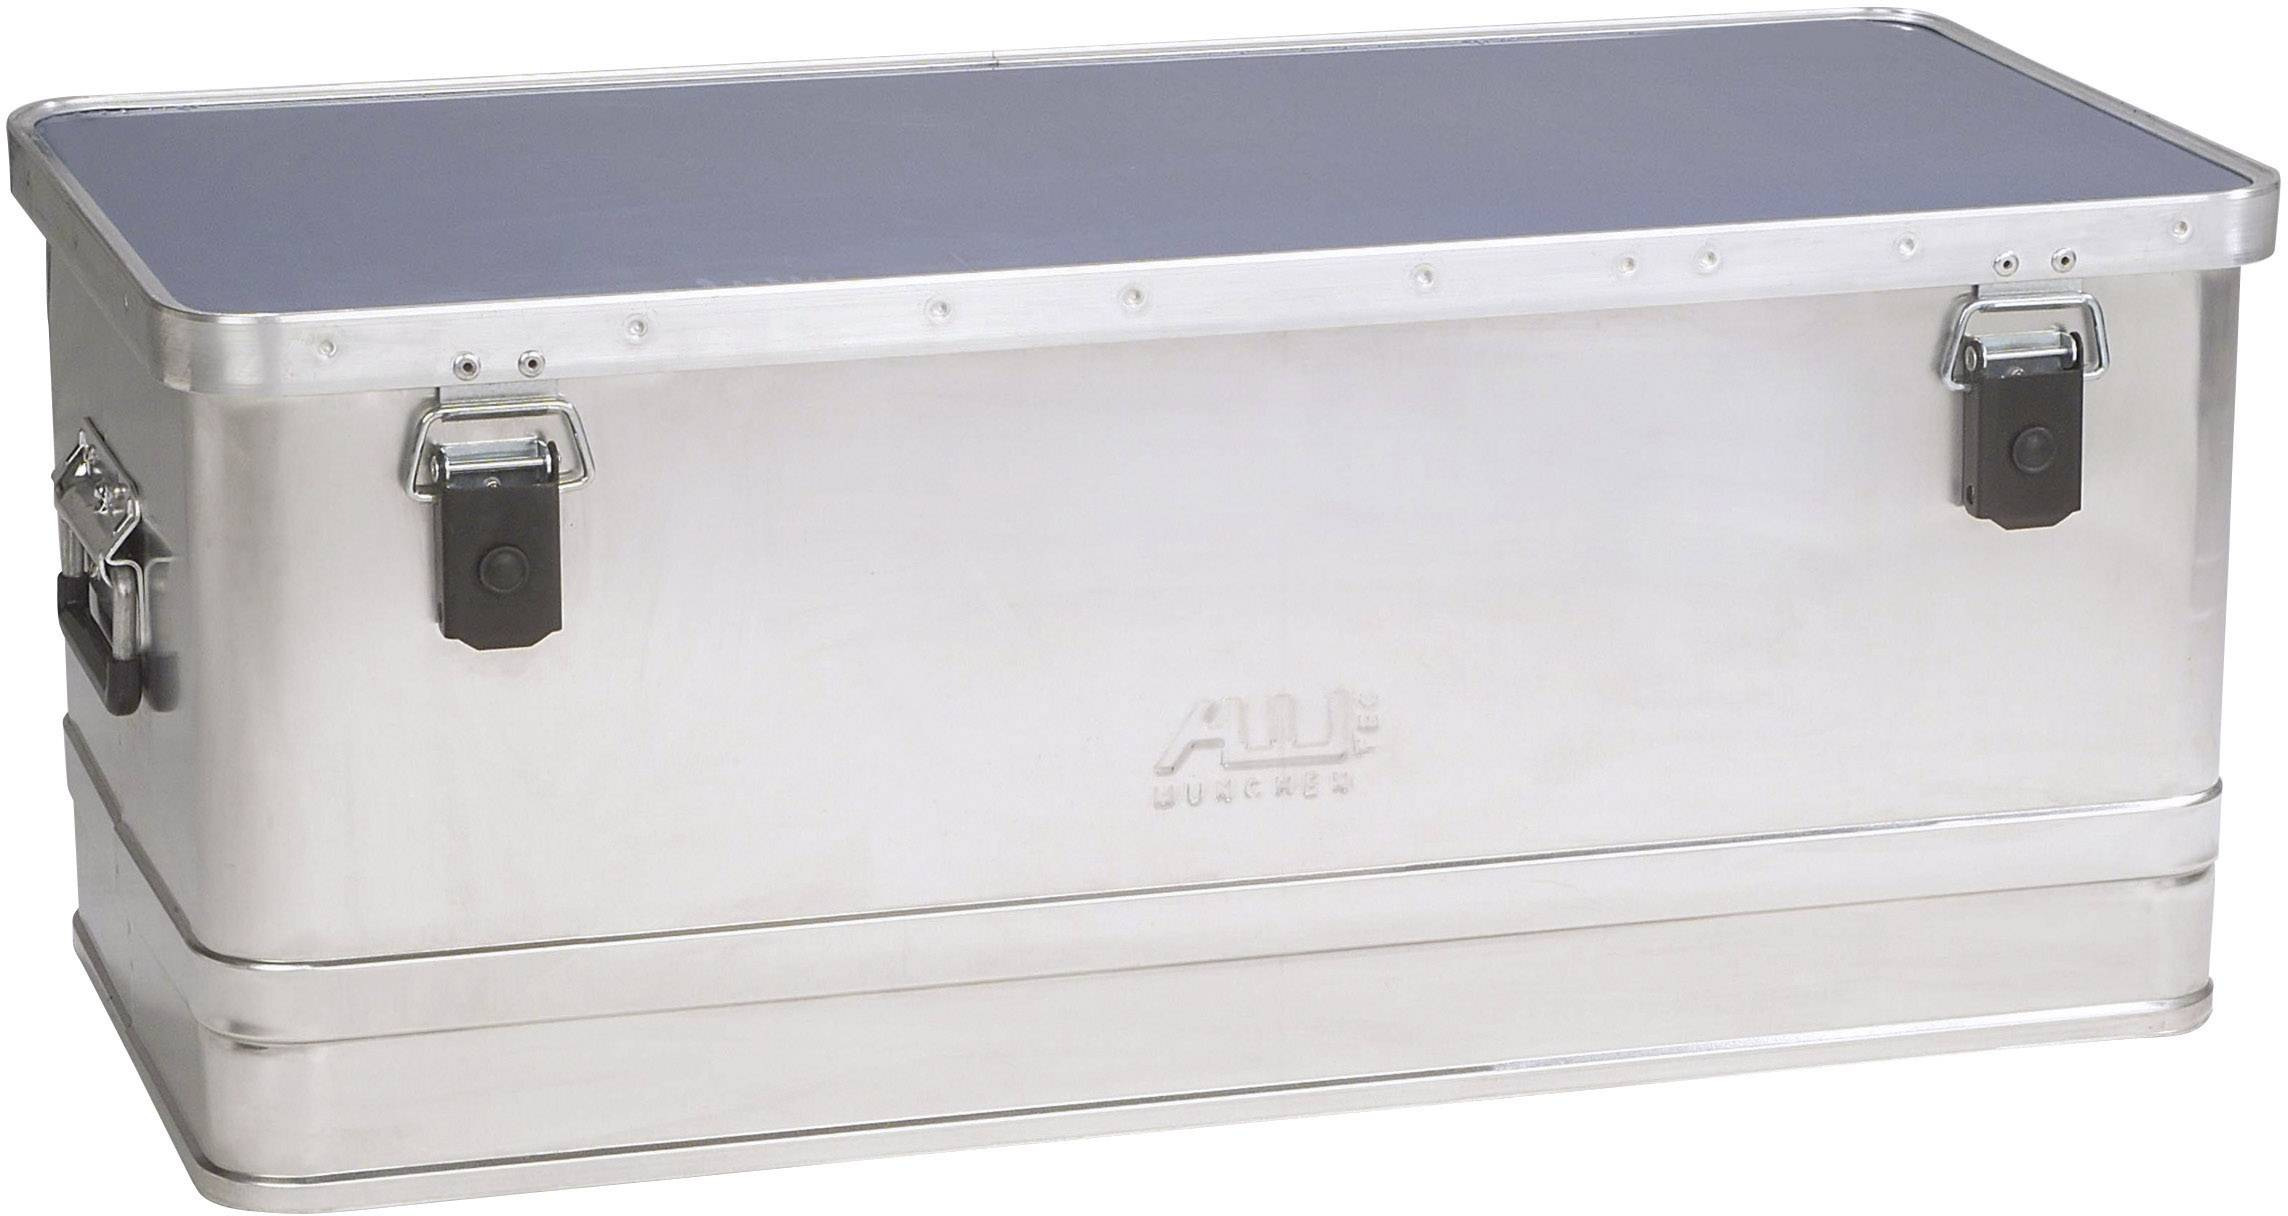 Prepravný a skladovací hliníkový box Alutec 34081, 775 x 375 x 320 mm